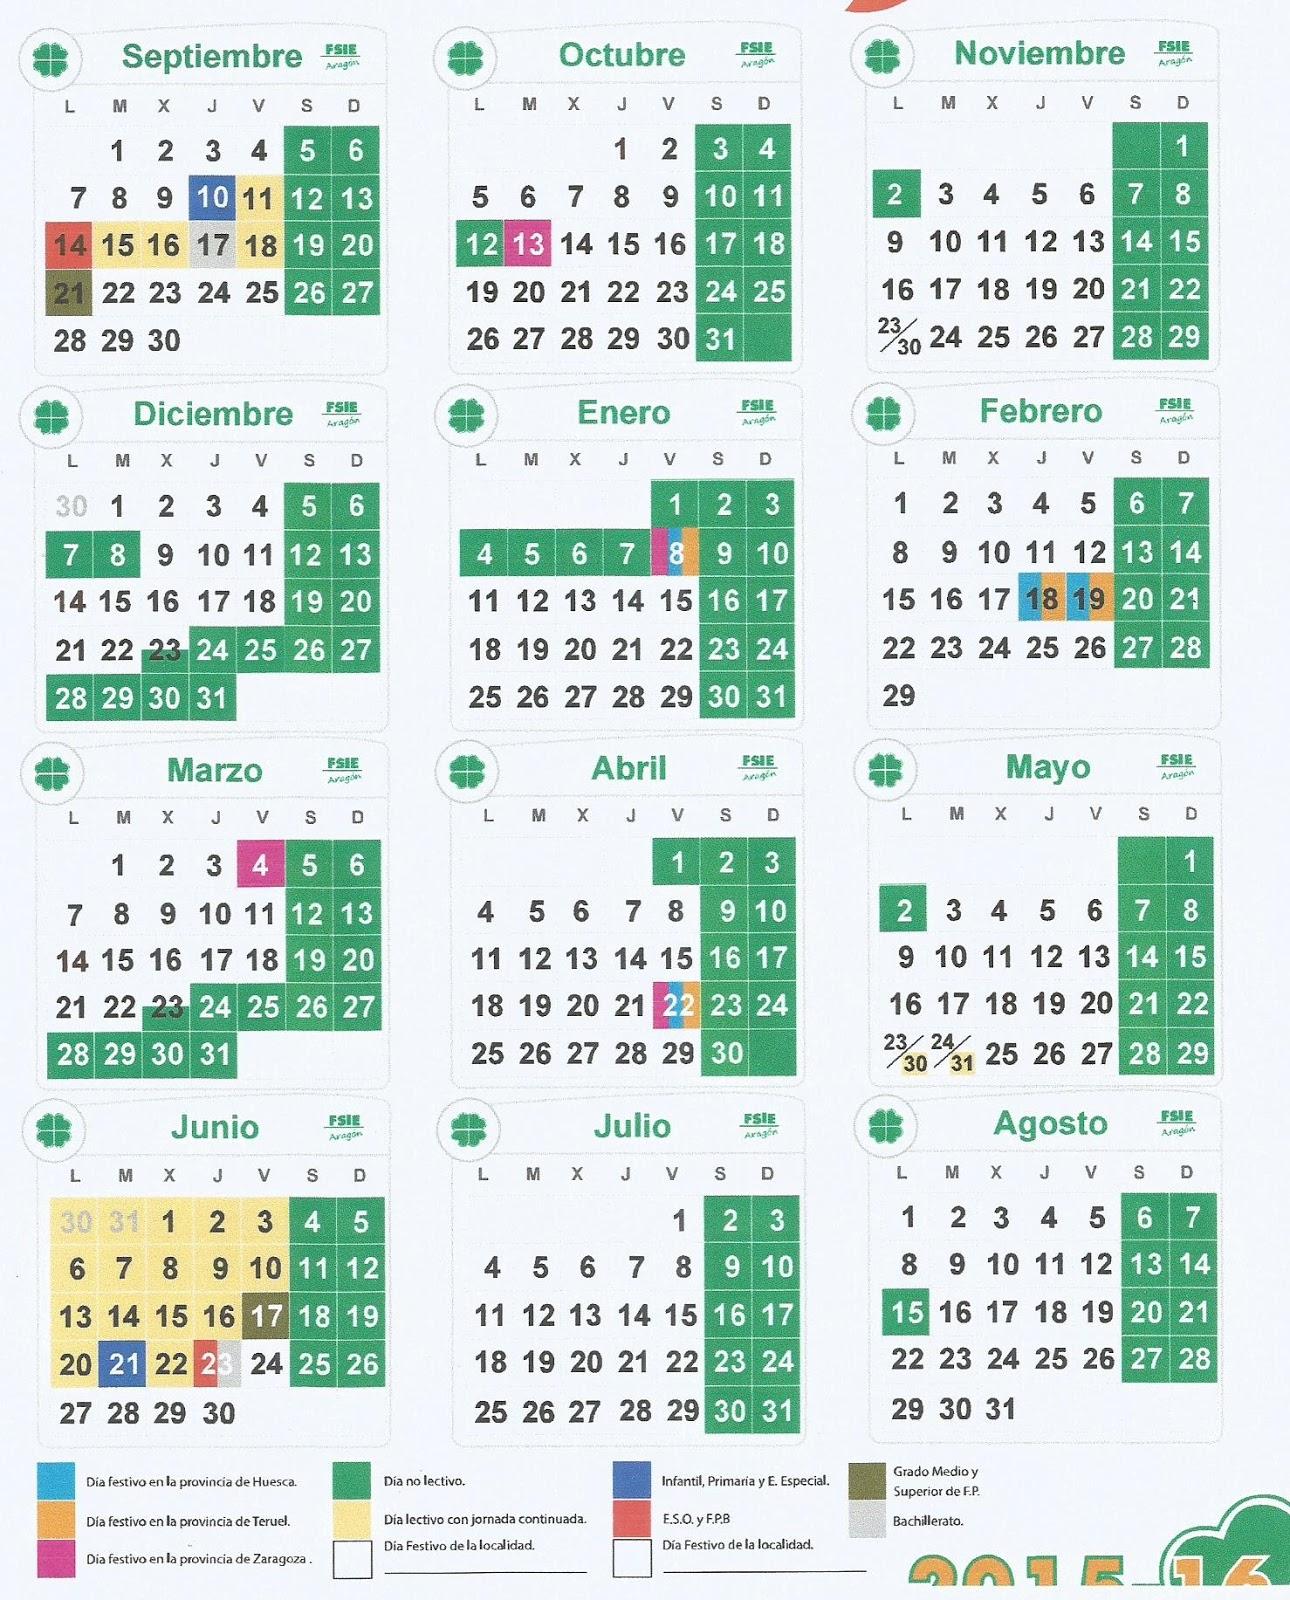 ... SANTA ANA * SABI: CALENDARIO ESCOLAR 2015-16. Próximo Curso Escolar